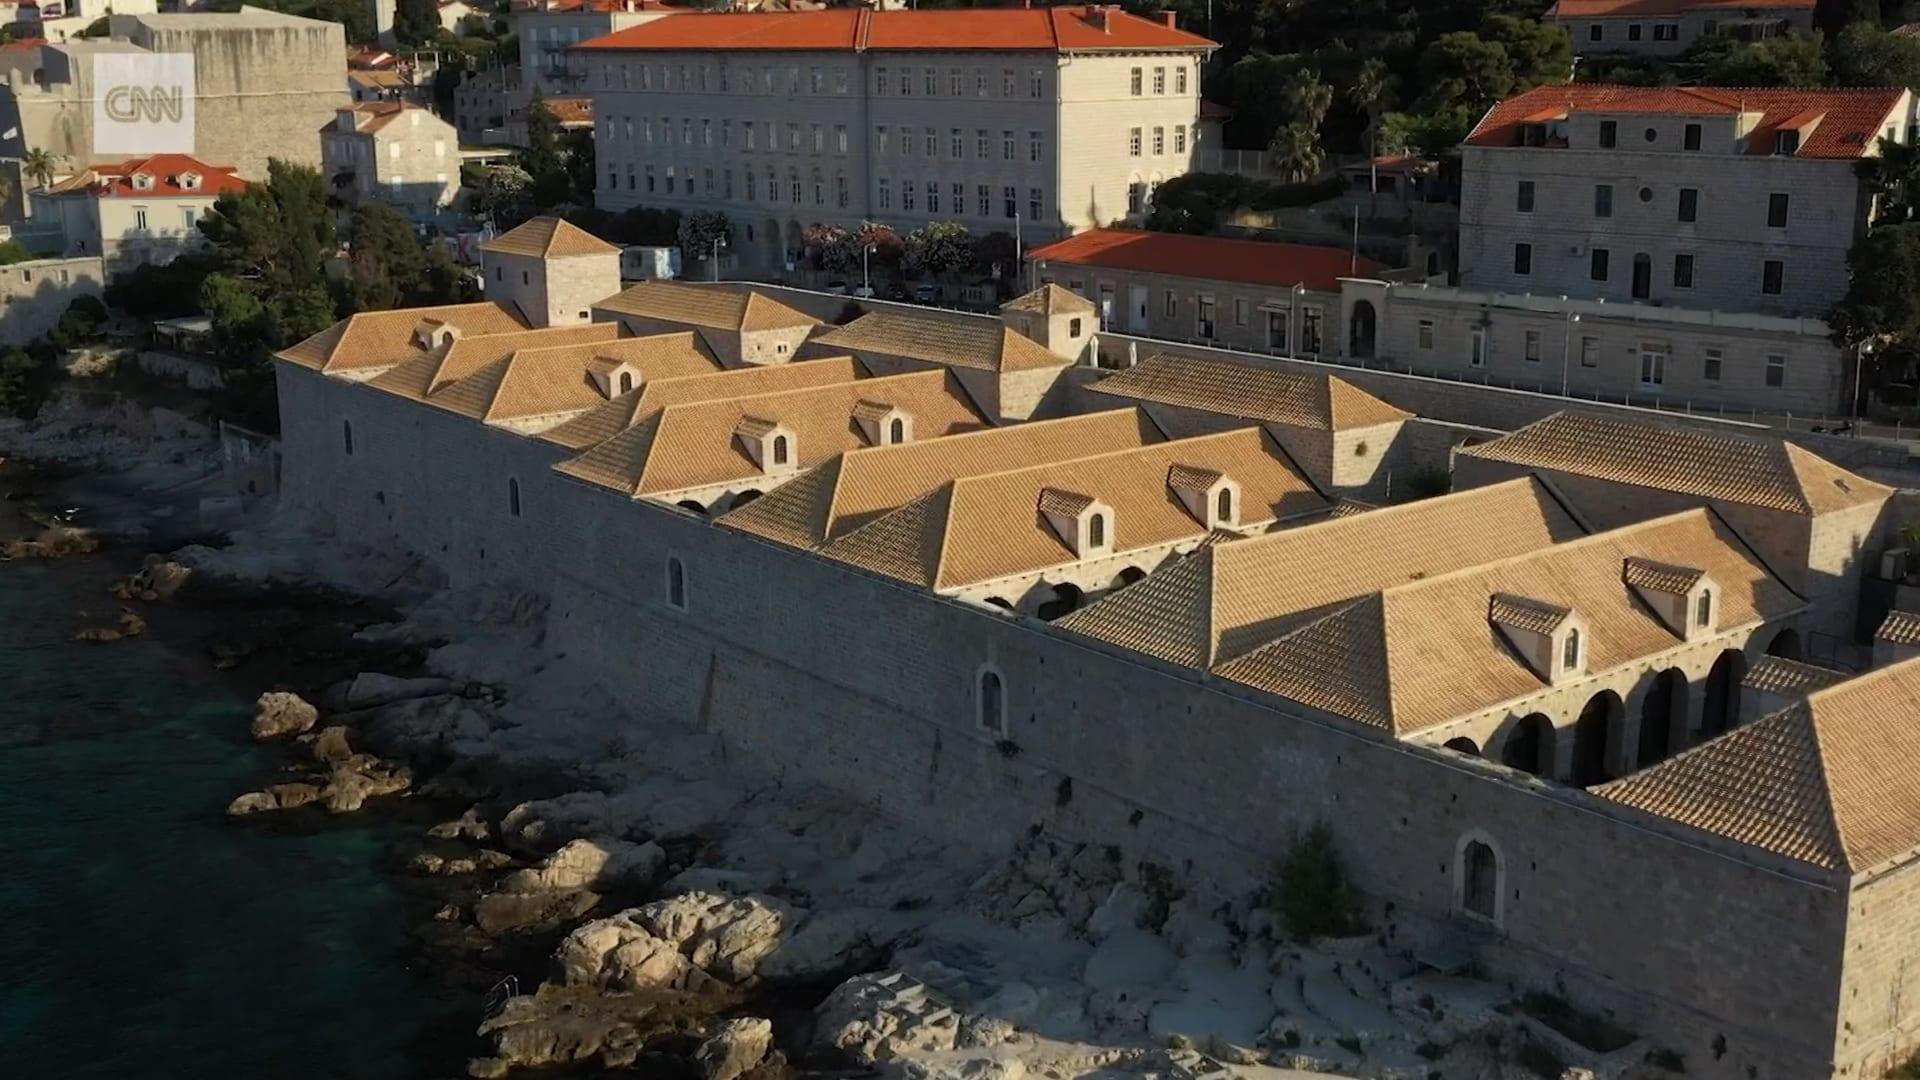 محاجر صحية تعود للقرون الوسطى أعدّت هذه المدينة بشكل فريد لمواجهة الجائحة